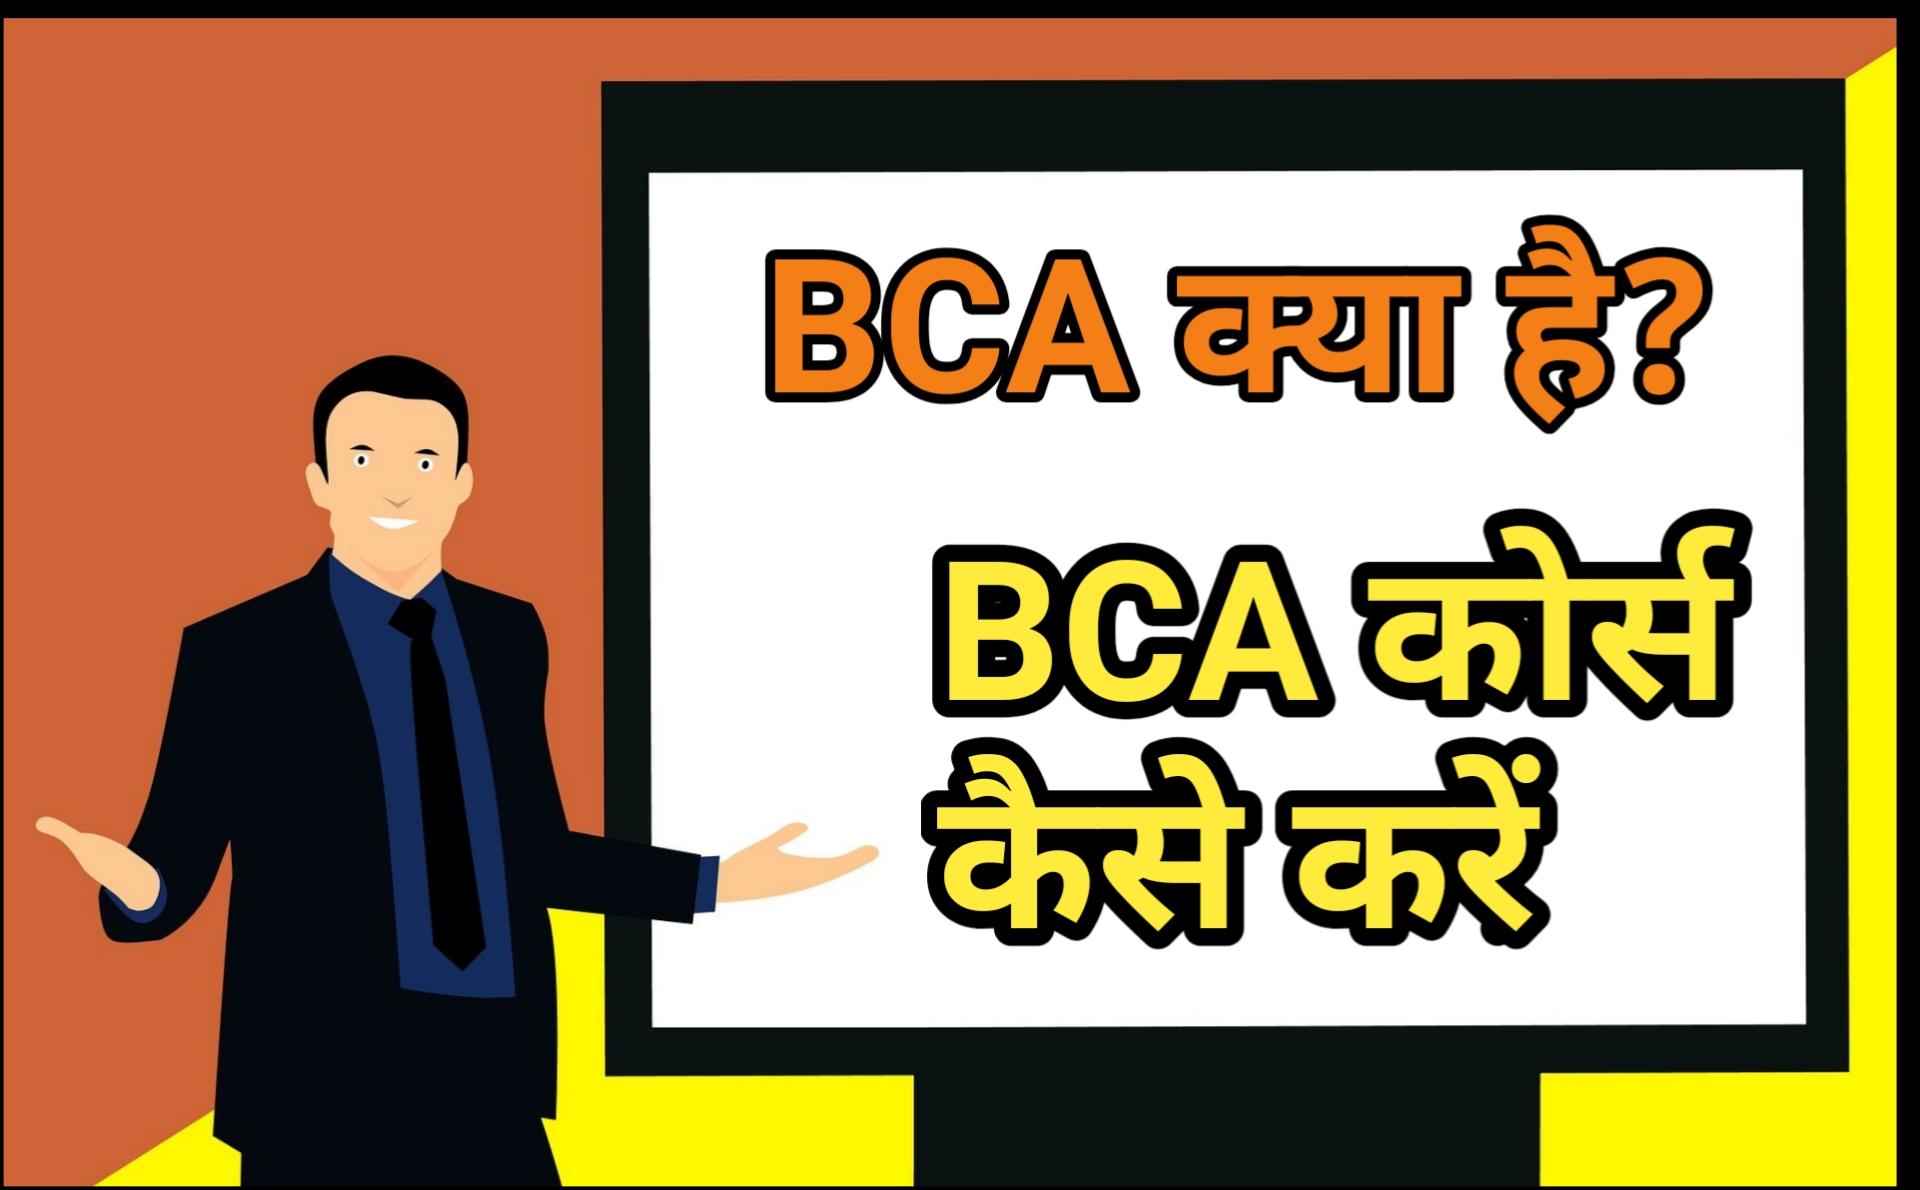 BCA क्या है और बी.सी.ए. कैसे करें (BCA COURSE KYA HAI)